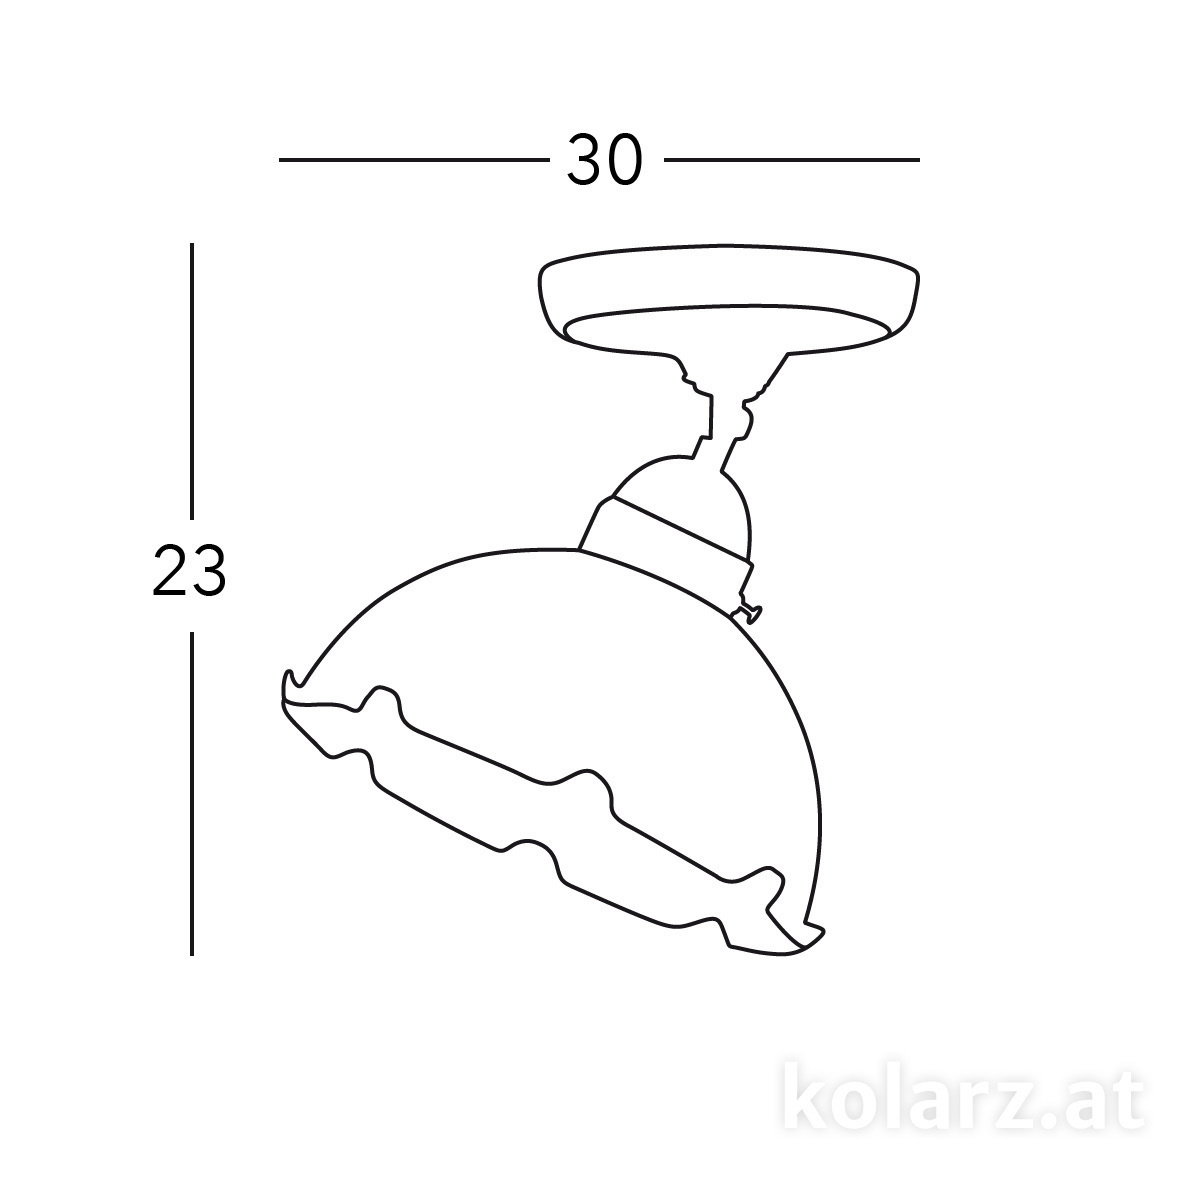 Deckenleuchte NONNA, mundgeblasen, Altmessing, Ø30 Altmessing, Weiß, Ø30cm, Höhe 23cm, 1 flammig, E27